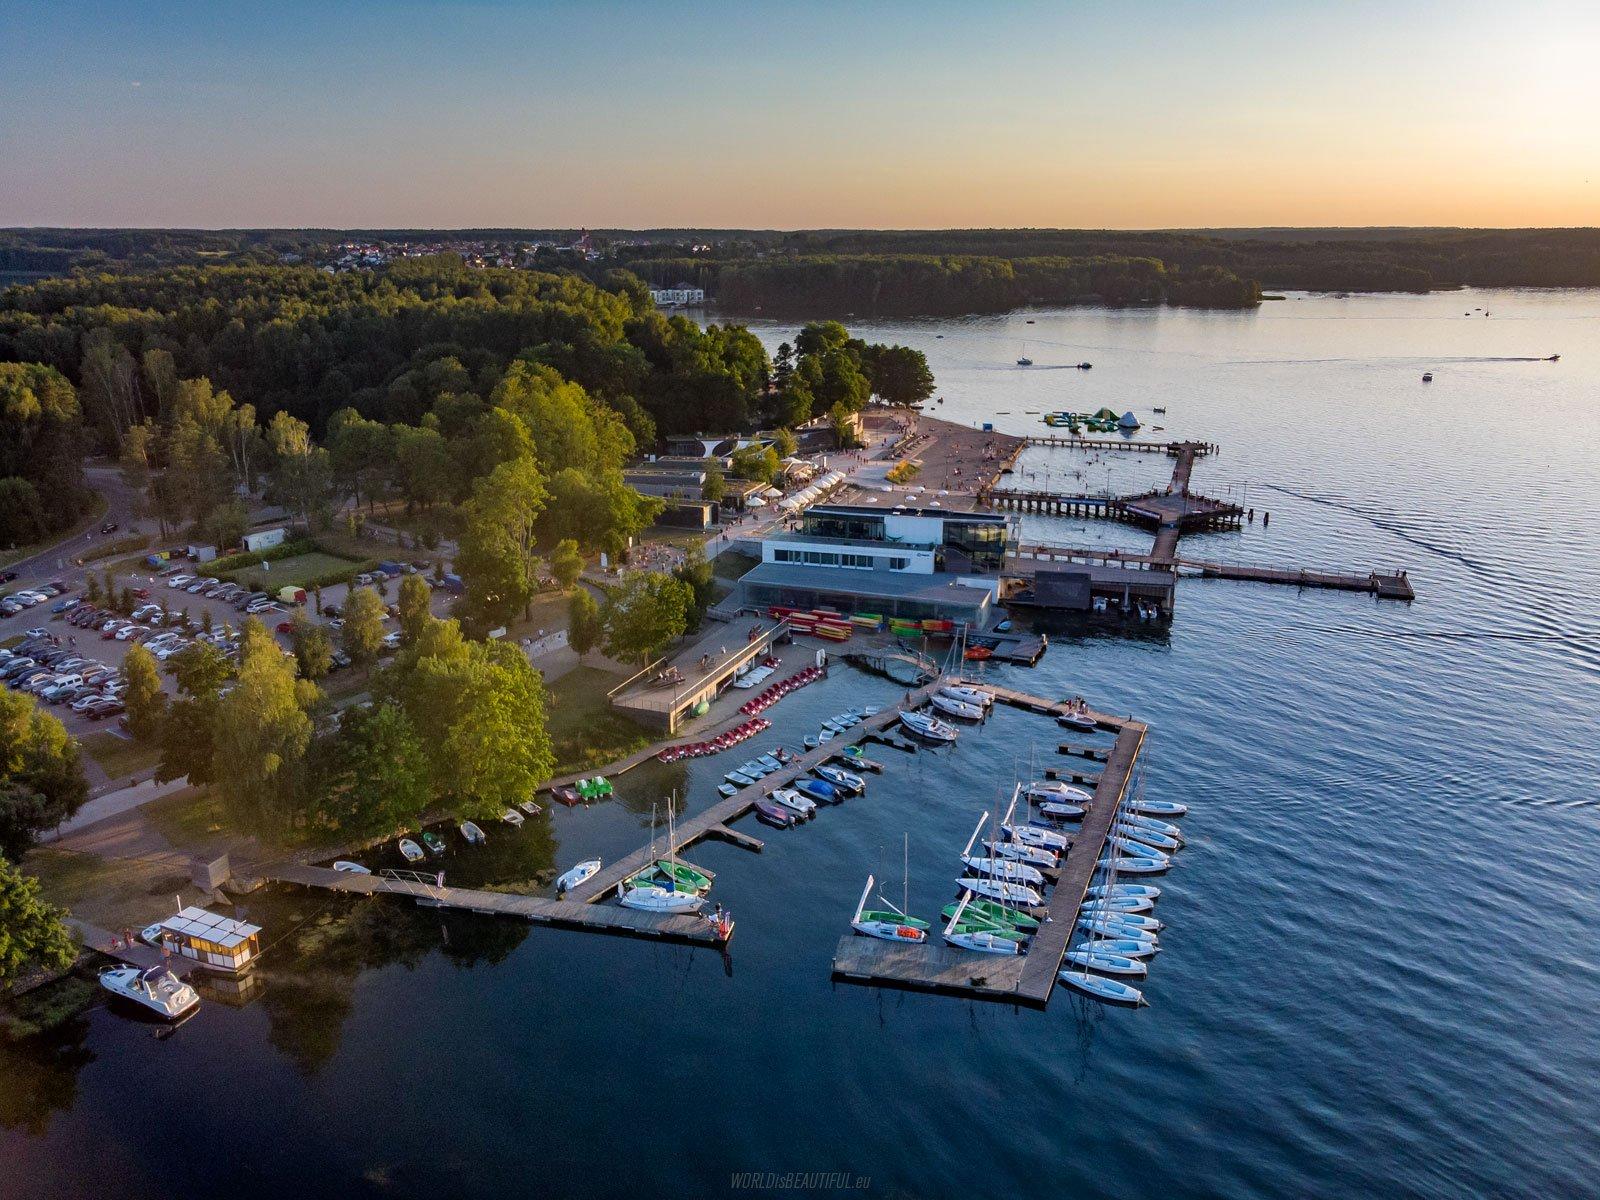 A marina at Lake Ukiel